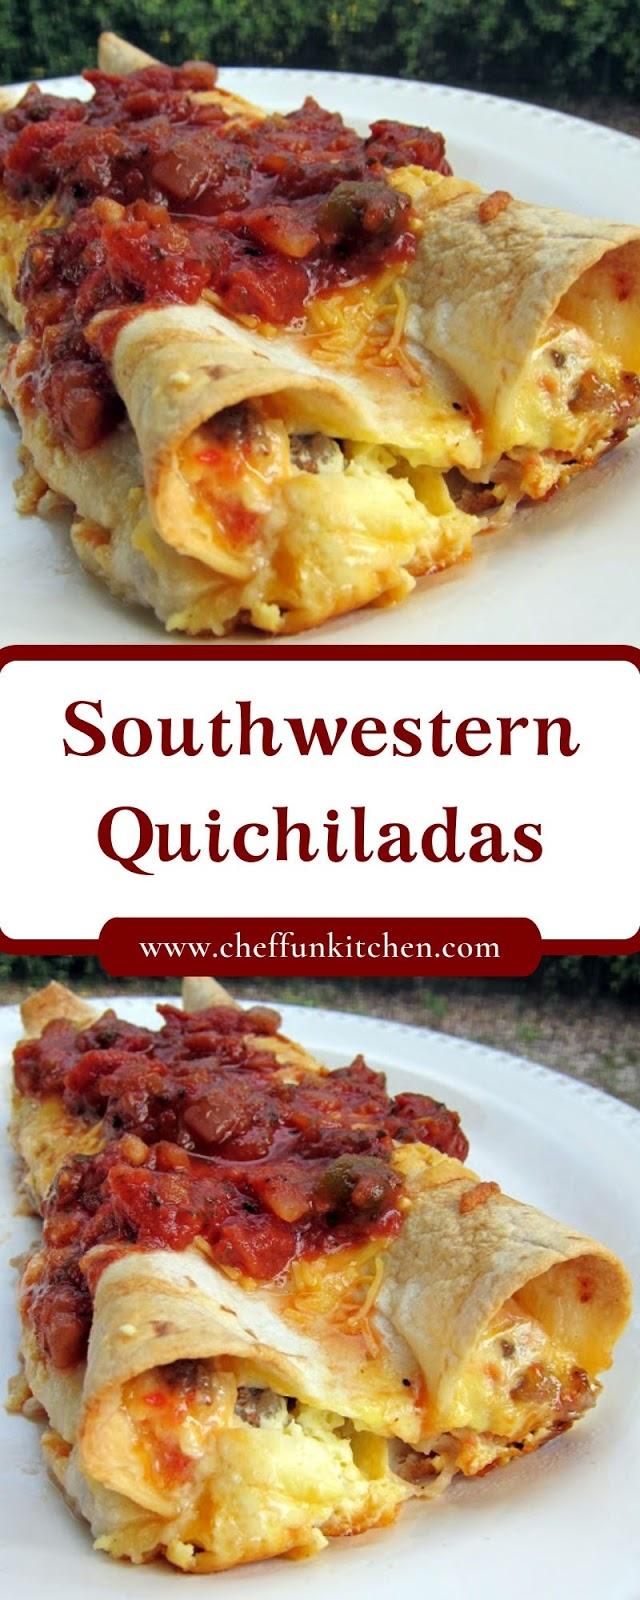 Southwestern Quichiladas